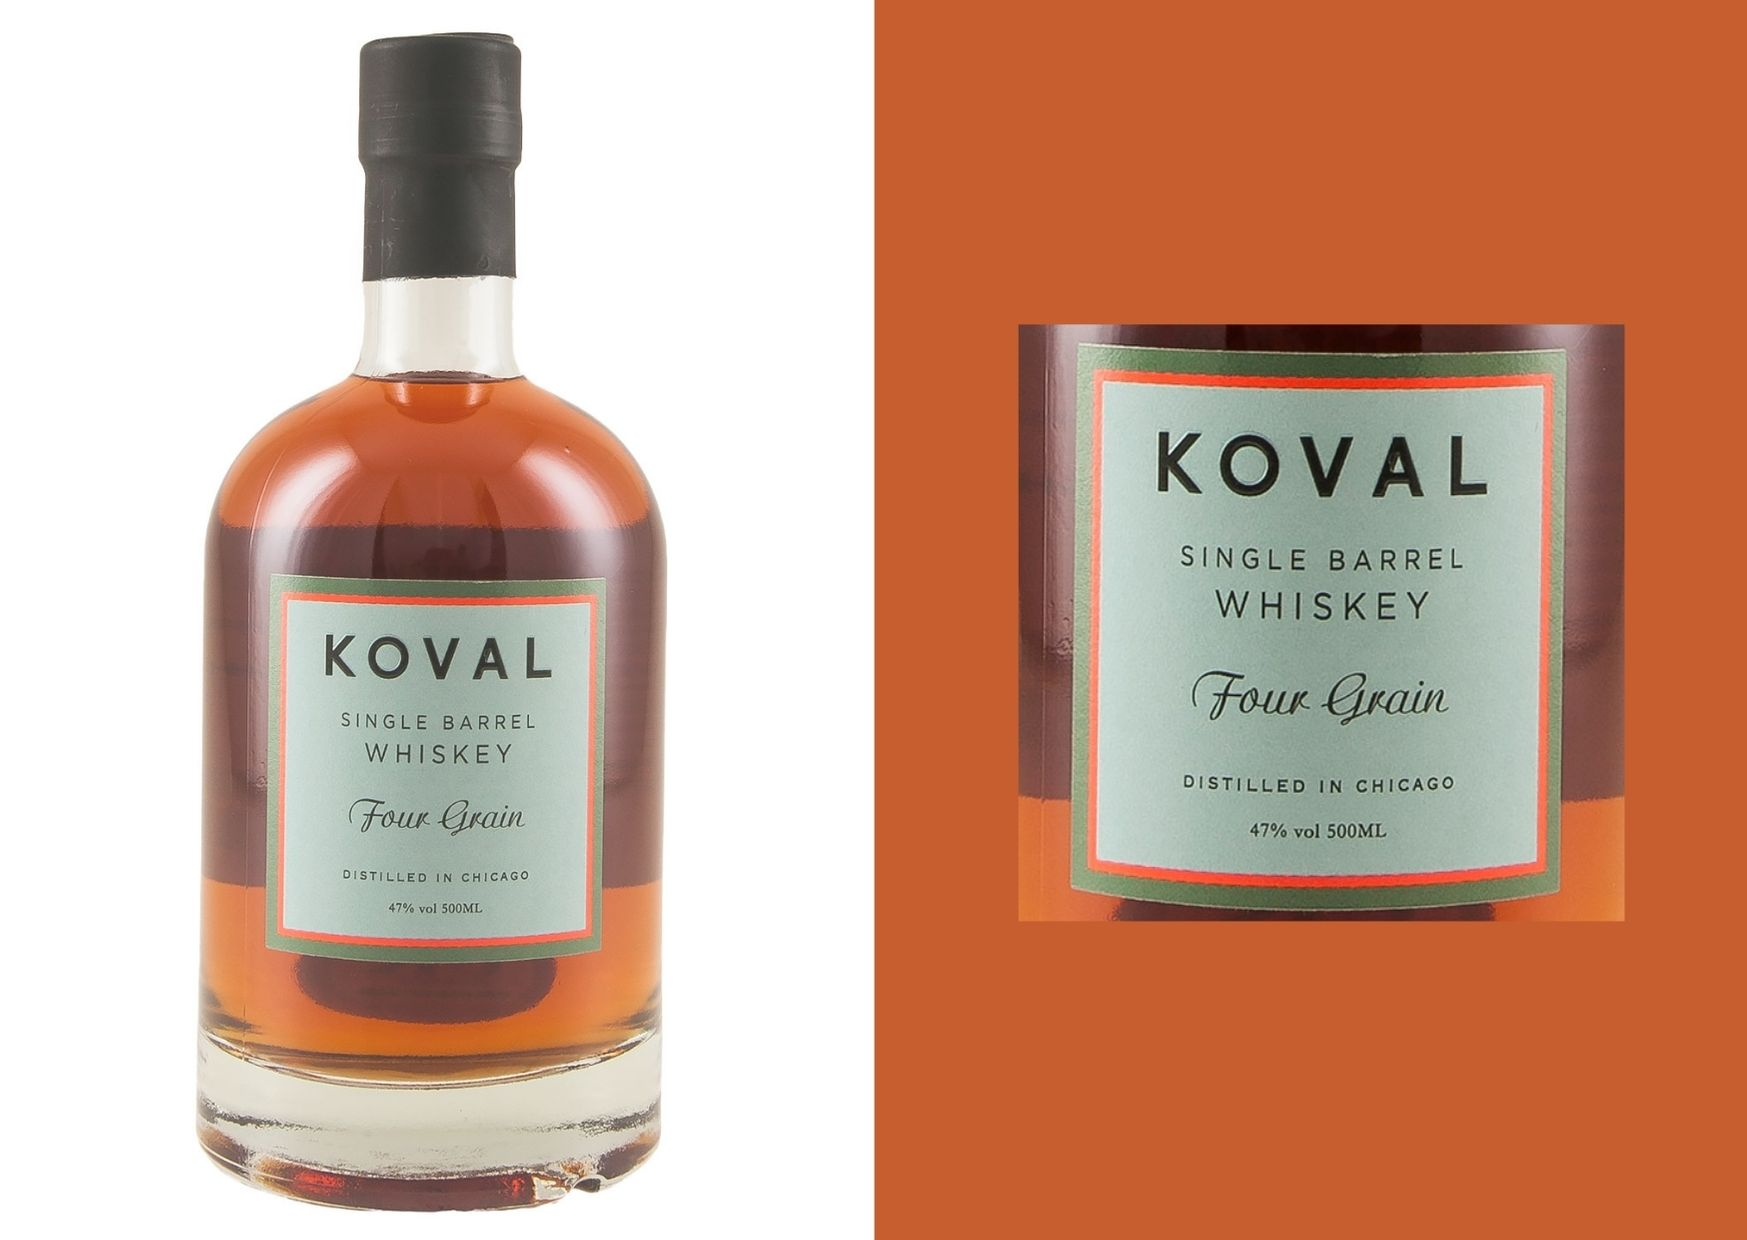 KOVAL Four Grain Tasting